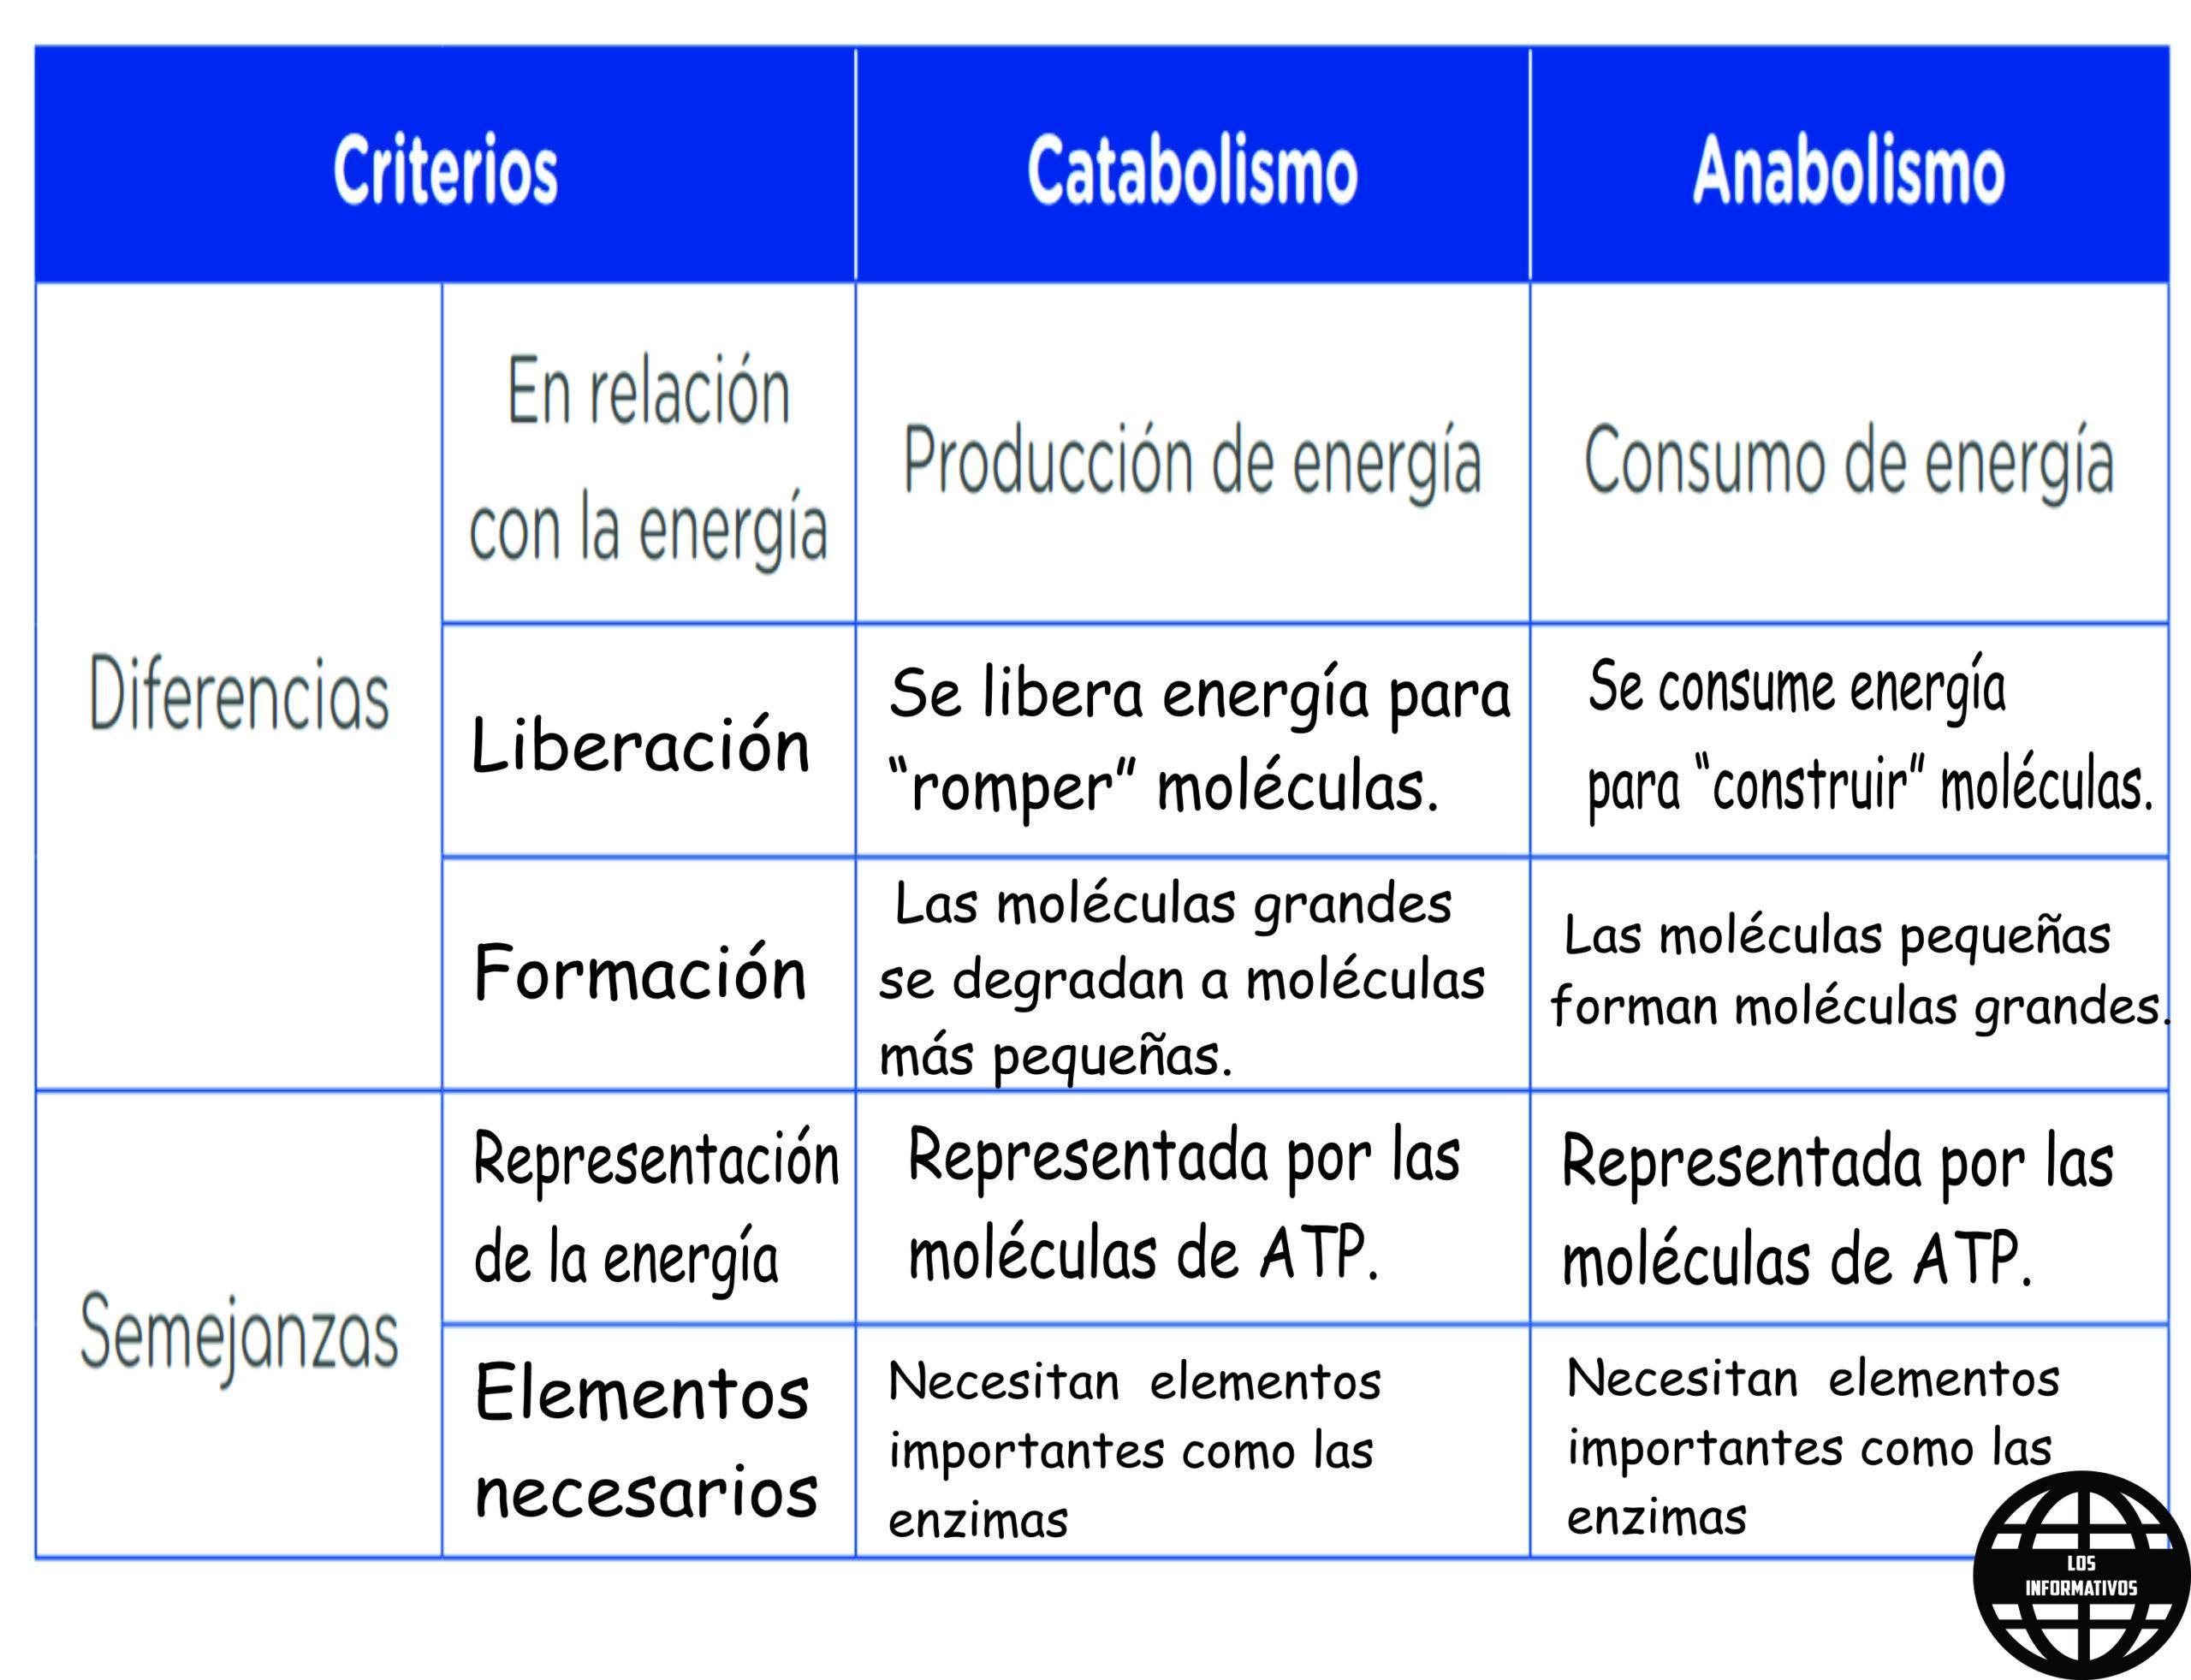 Cuadro Comparativo Entre Catabolismo Criterios Y Anabolismo Diferencias Y Semejanza Brainly Lat